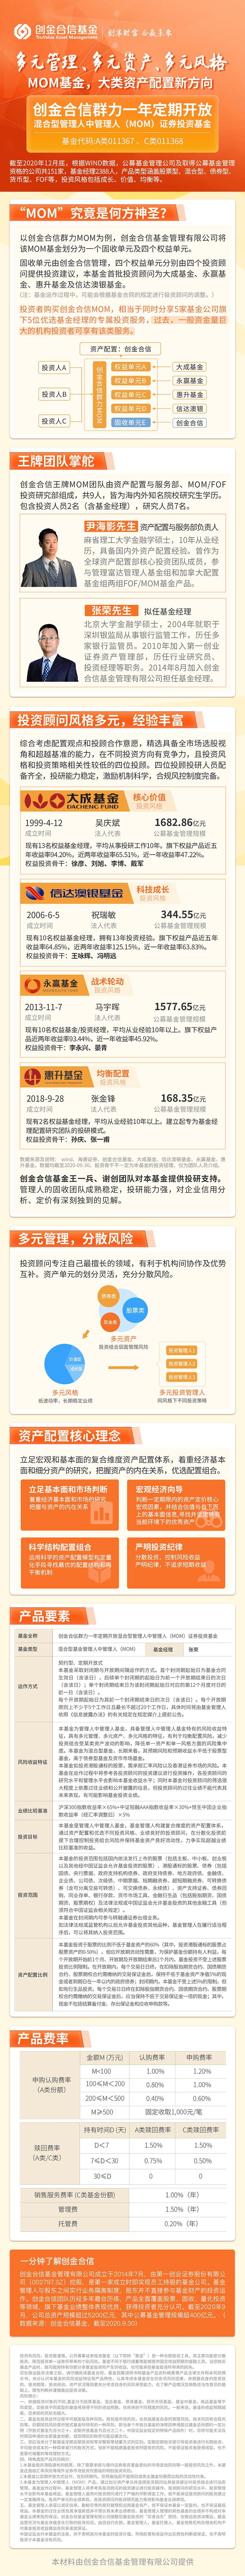 创金合信群力MOM重磅发行(募集期:2月18日-3月4日)